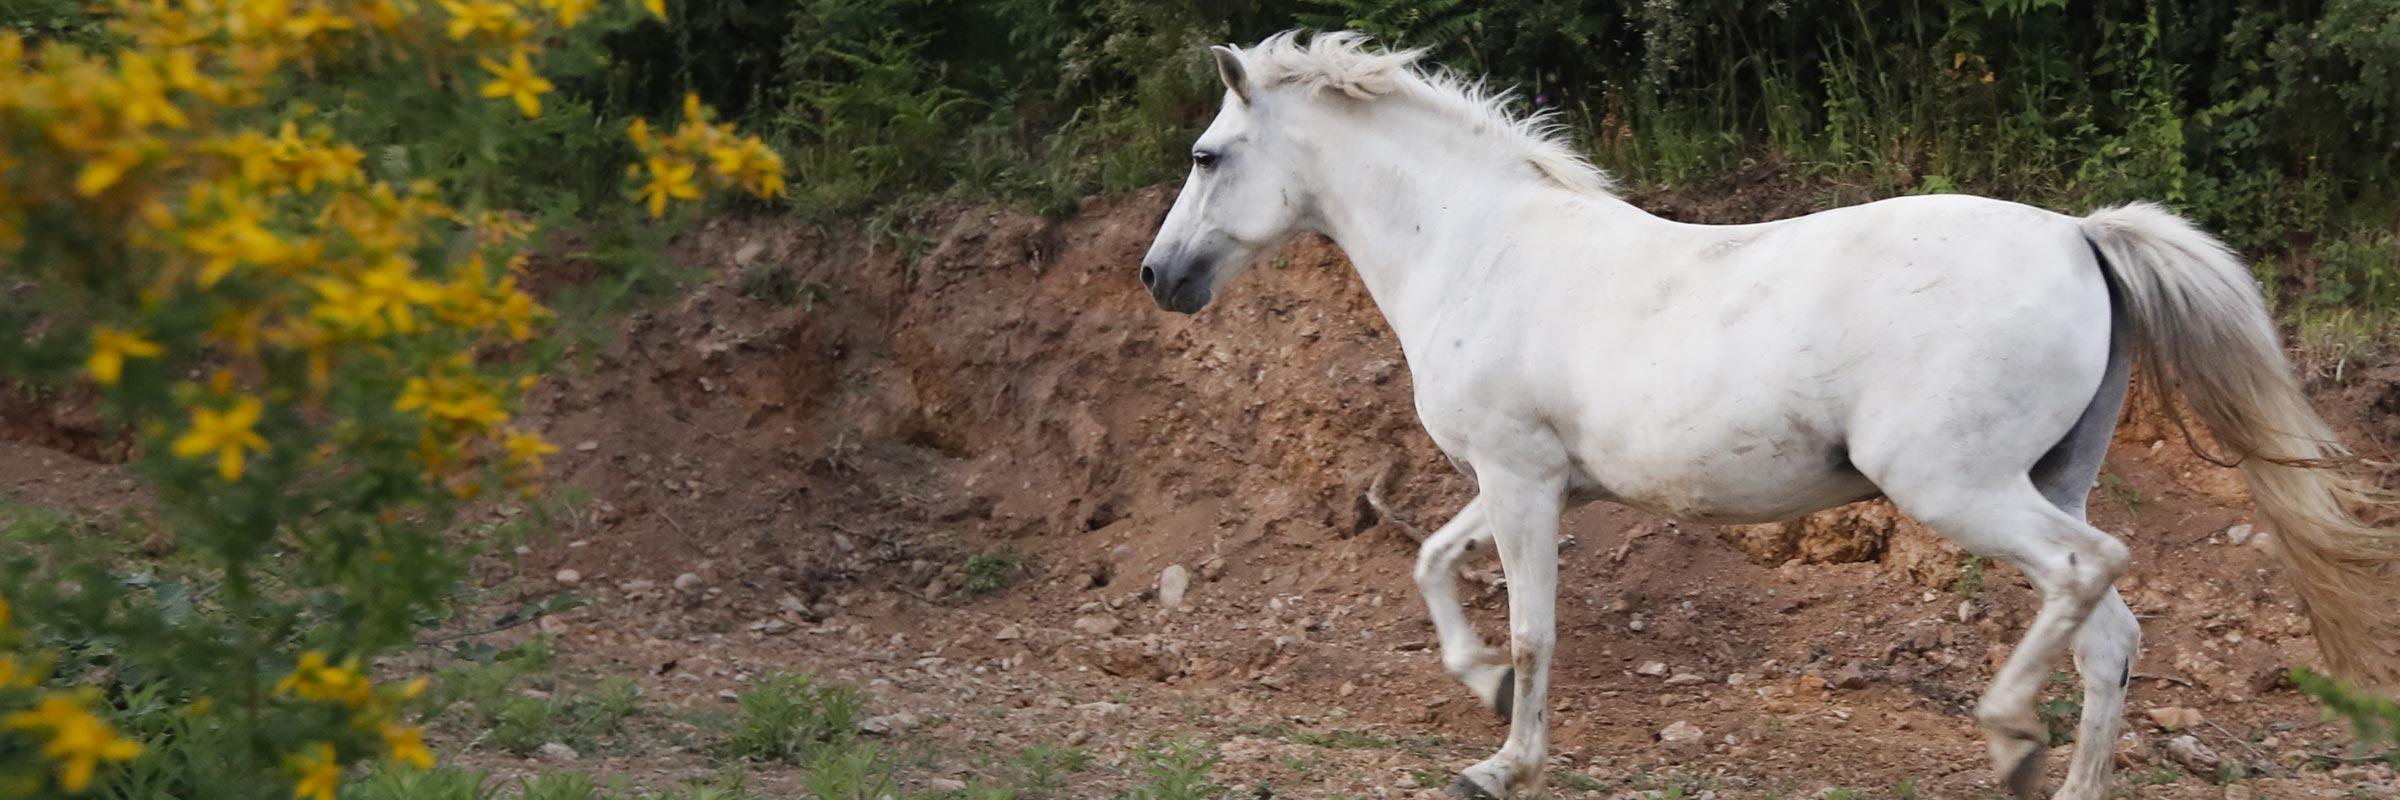 Cavallo presso Camera e Colazione a Martirano Lombardo Calabria